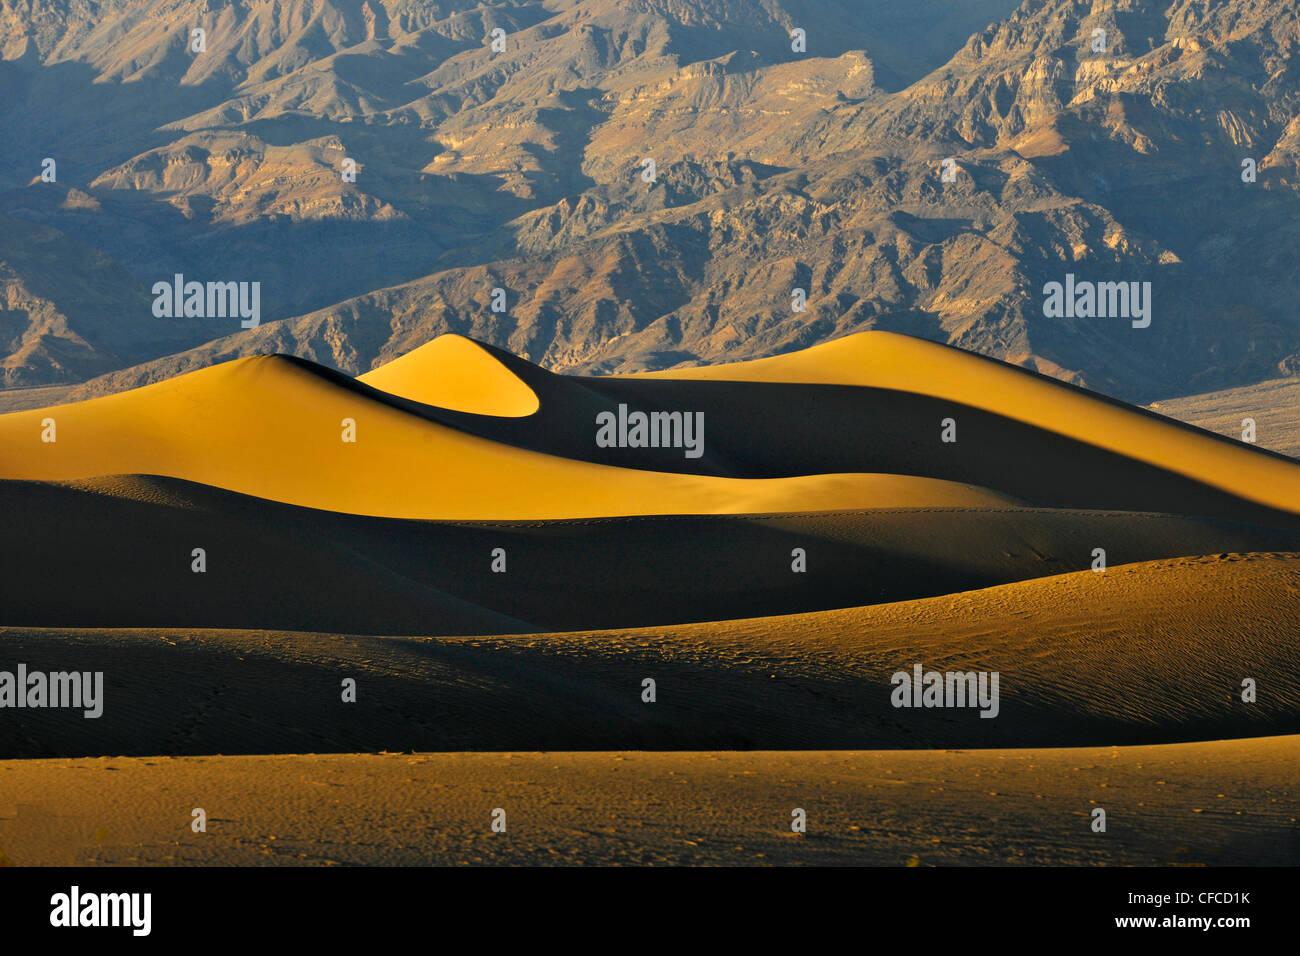 Le dune di sabbia, tubo da stufa di pozzi, Parco Nazionale della Valle della Morte, il più caldo e arido dei parchi nazionali negli Stati Uniti, California, US Foto Stock